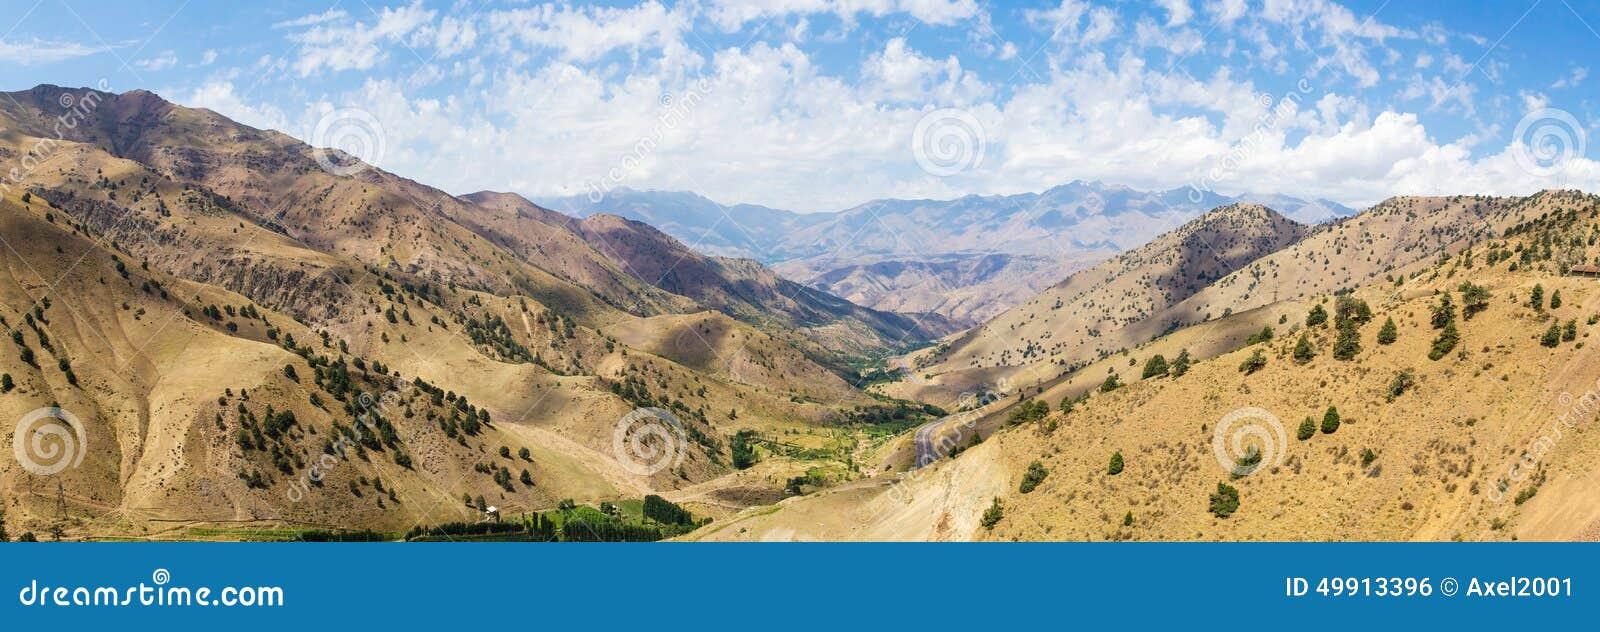 Vista da passagem de montanha de Kamchik (Qamchiq), Usbequistão